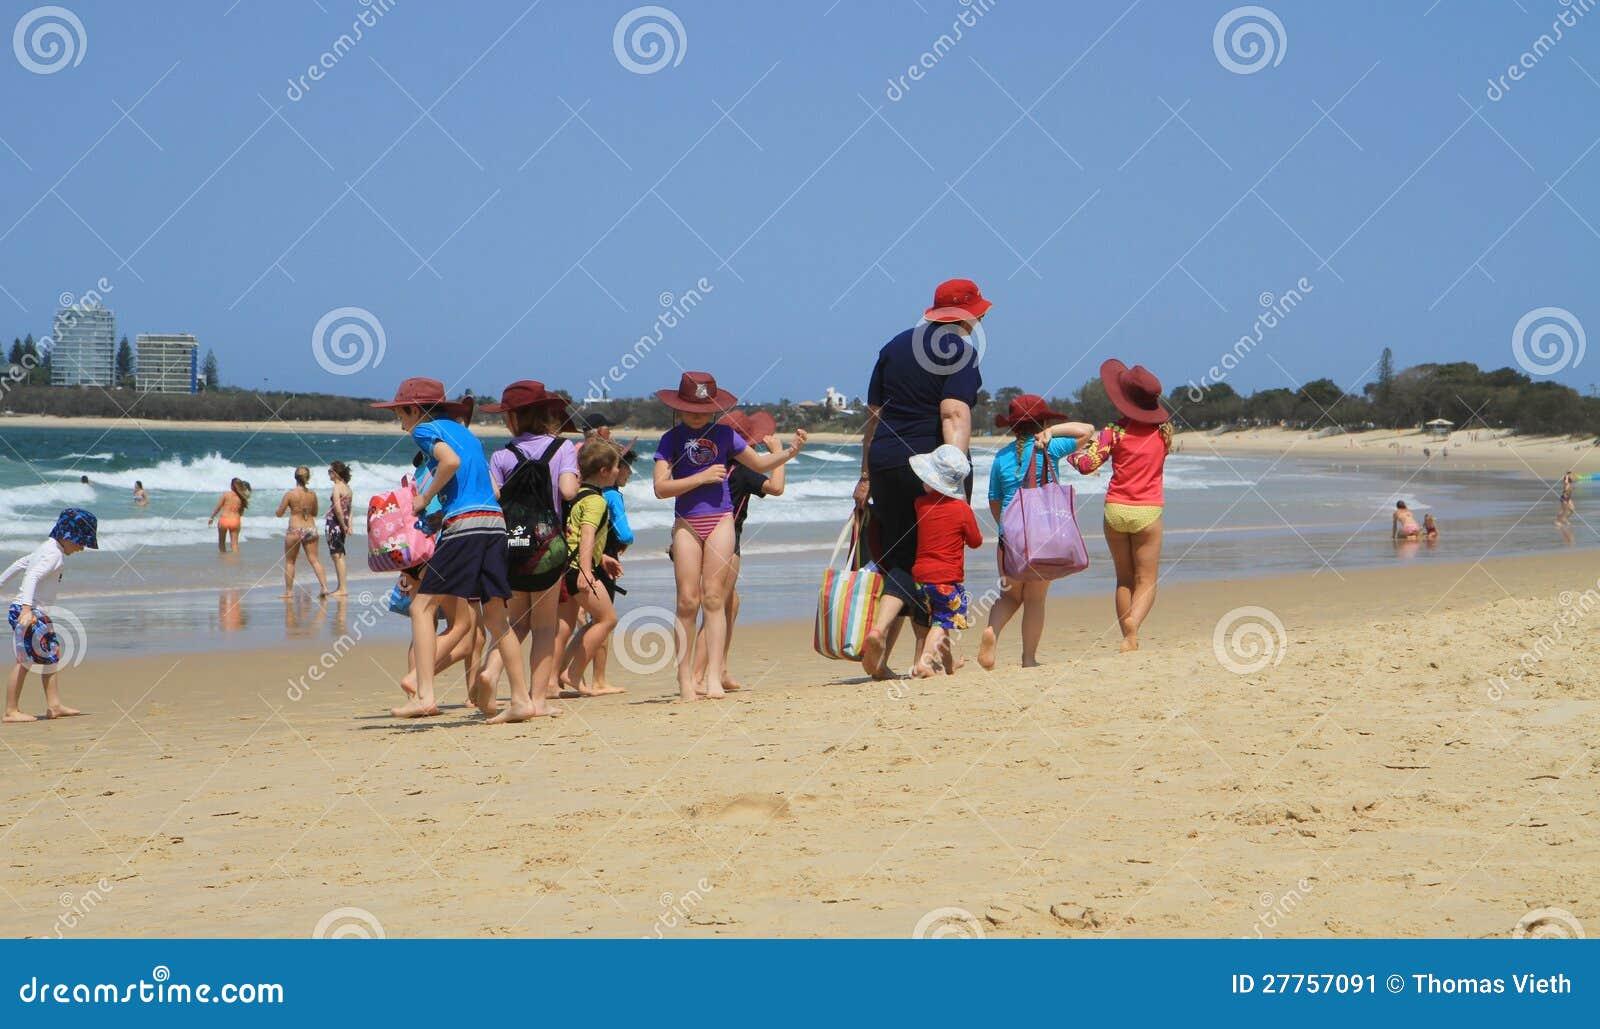 Excursion de classe, la voie australienne